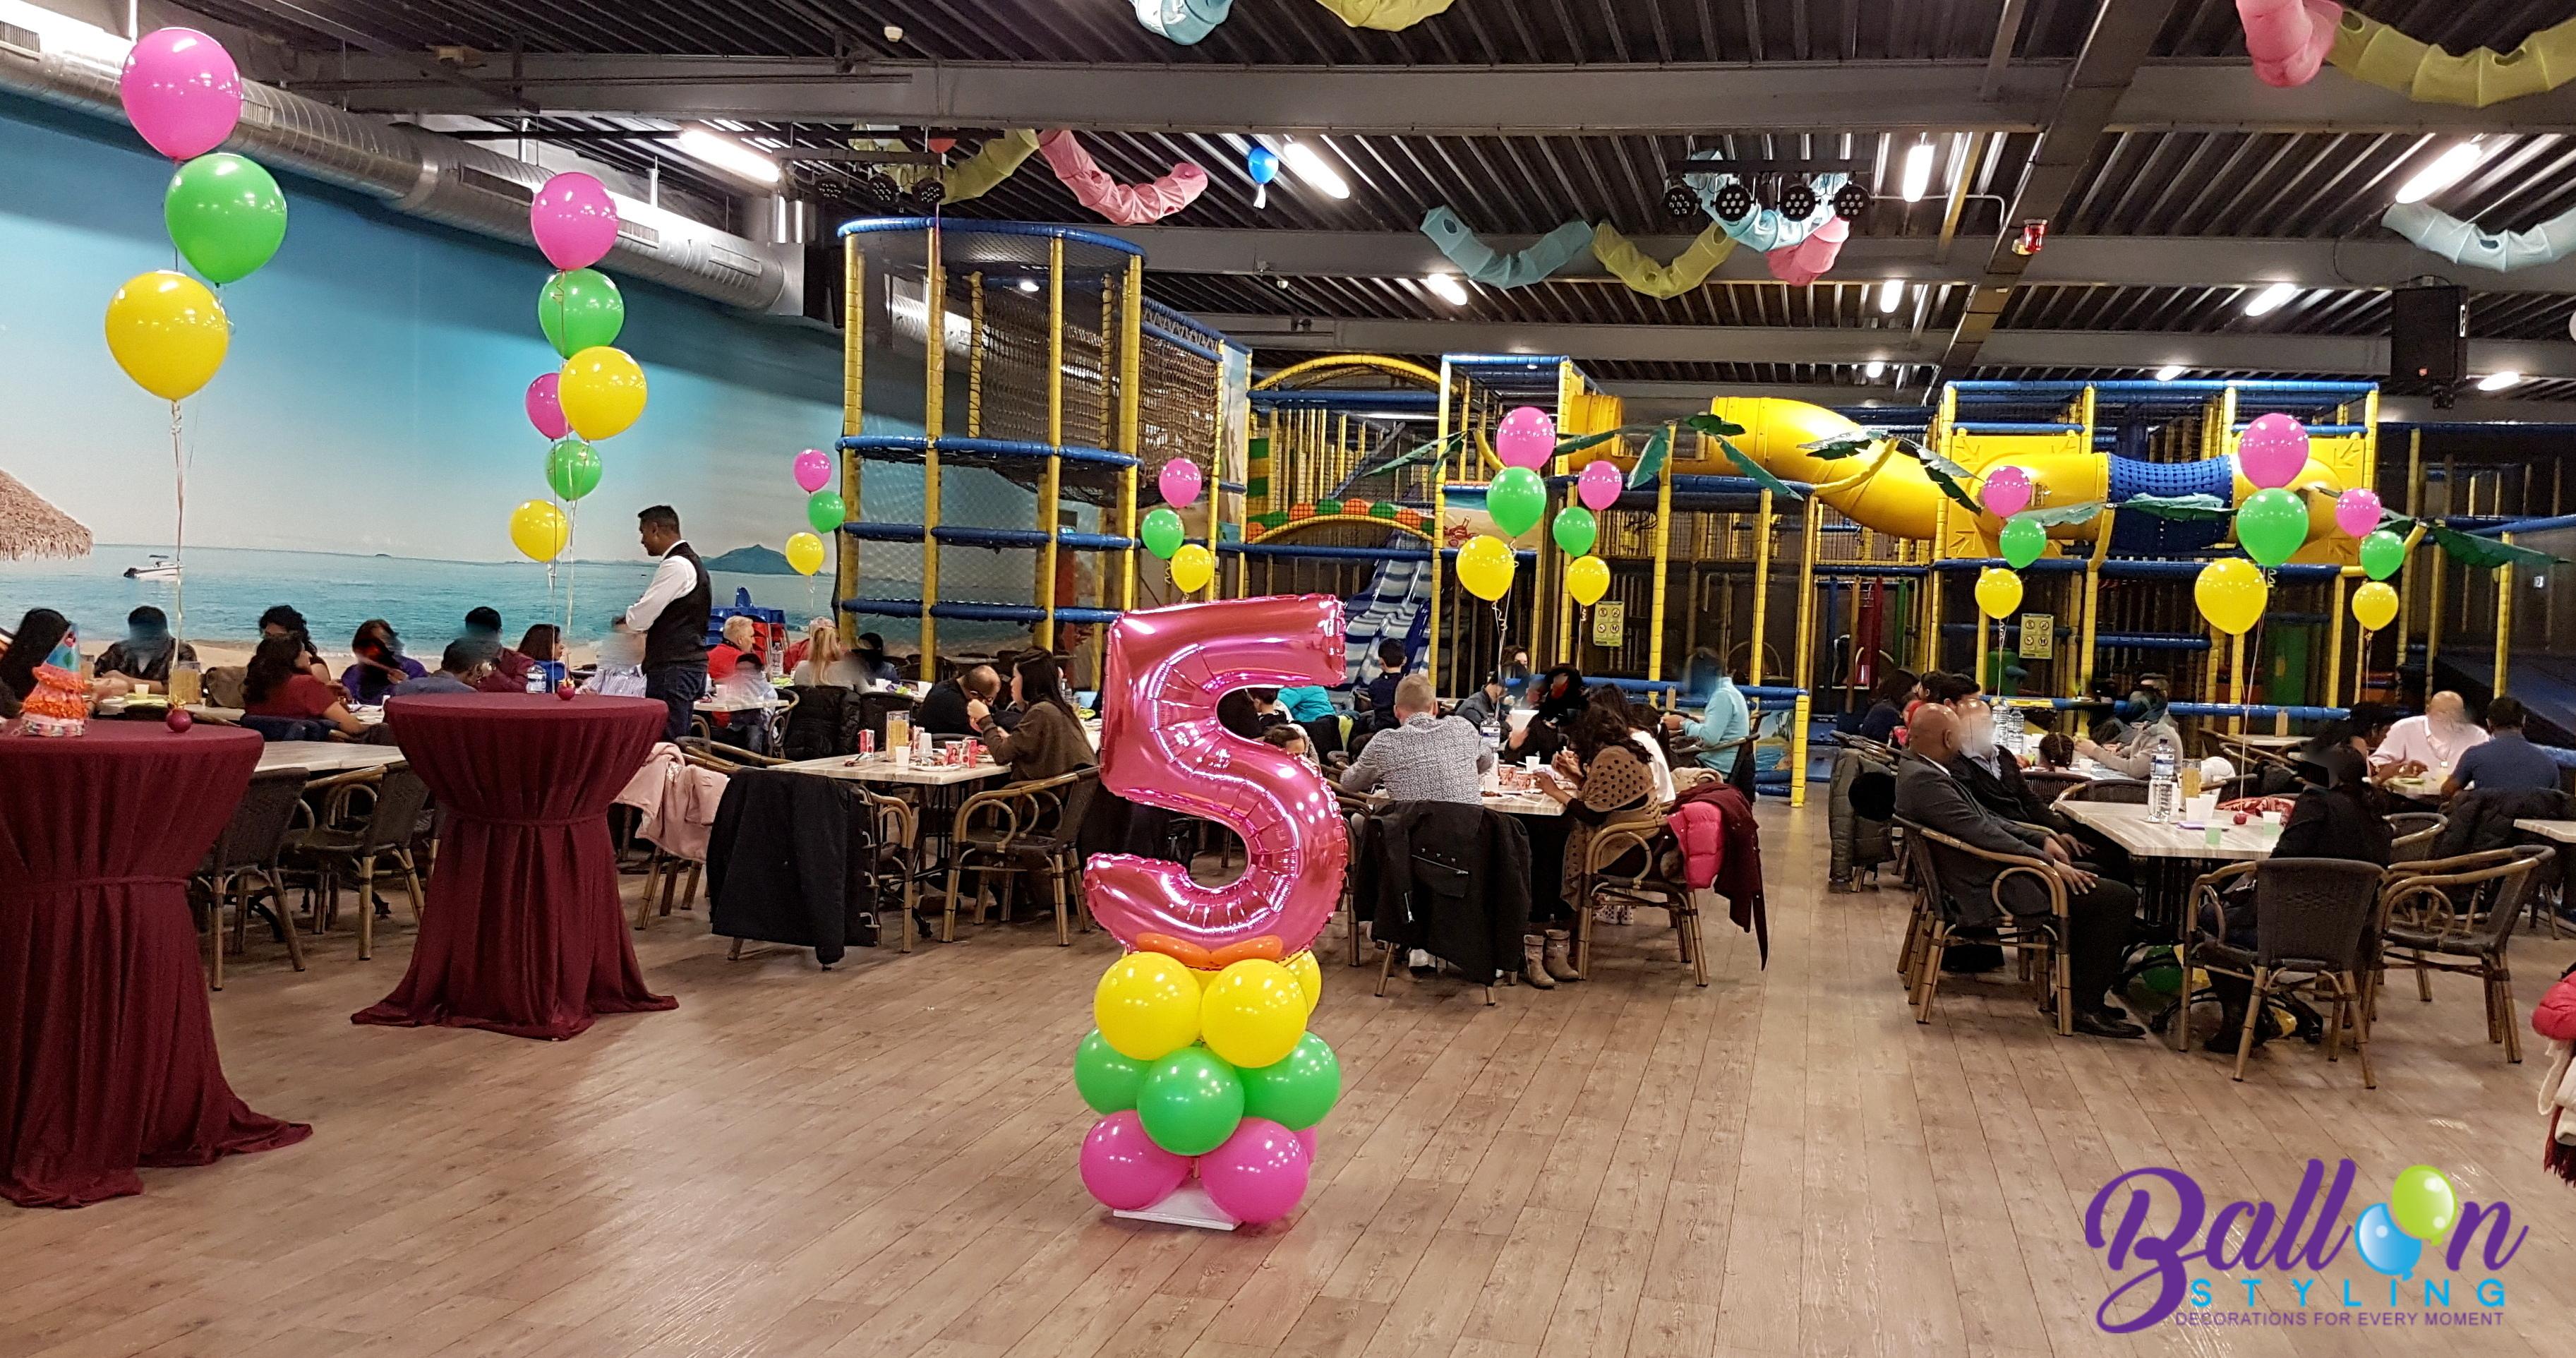 verjaardag Lisa 5 jaar ballonnendecoratie